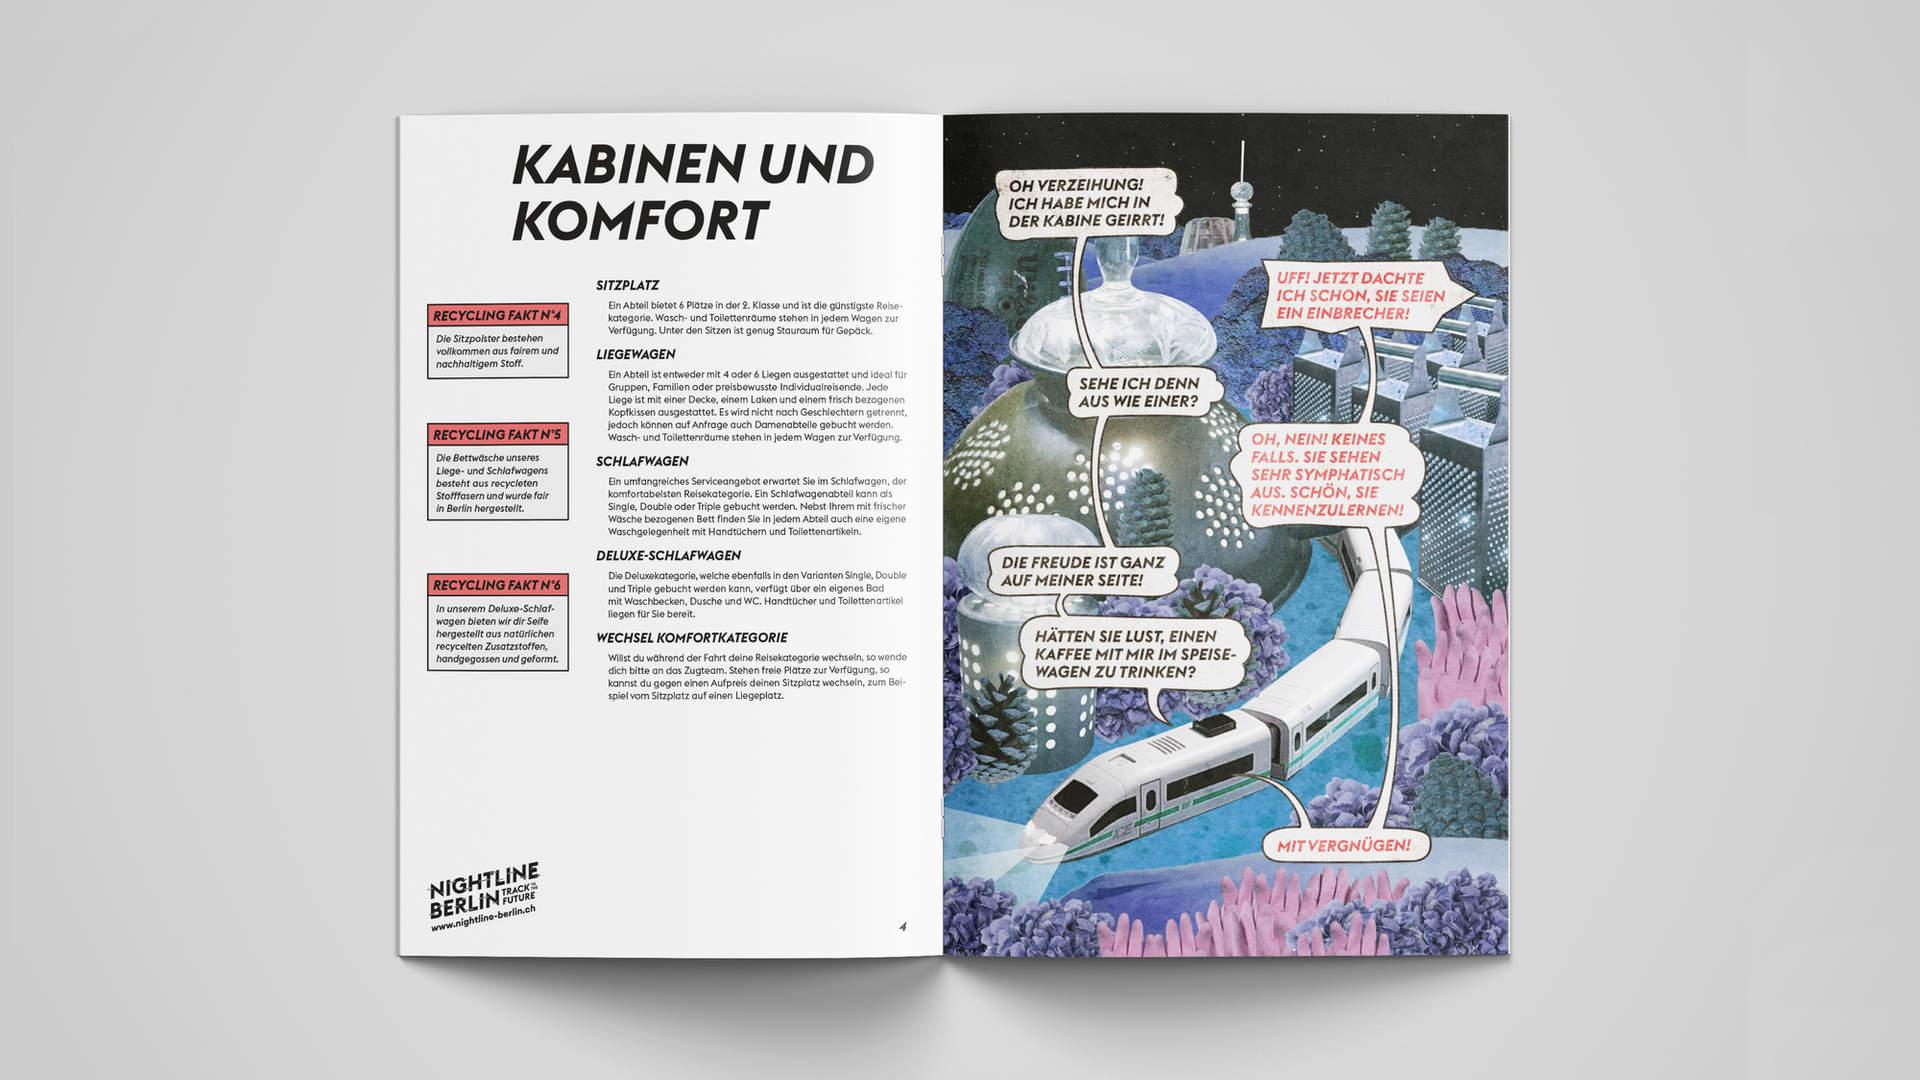 Mockup_Broschüre_Innen_2.jpg